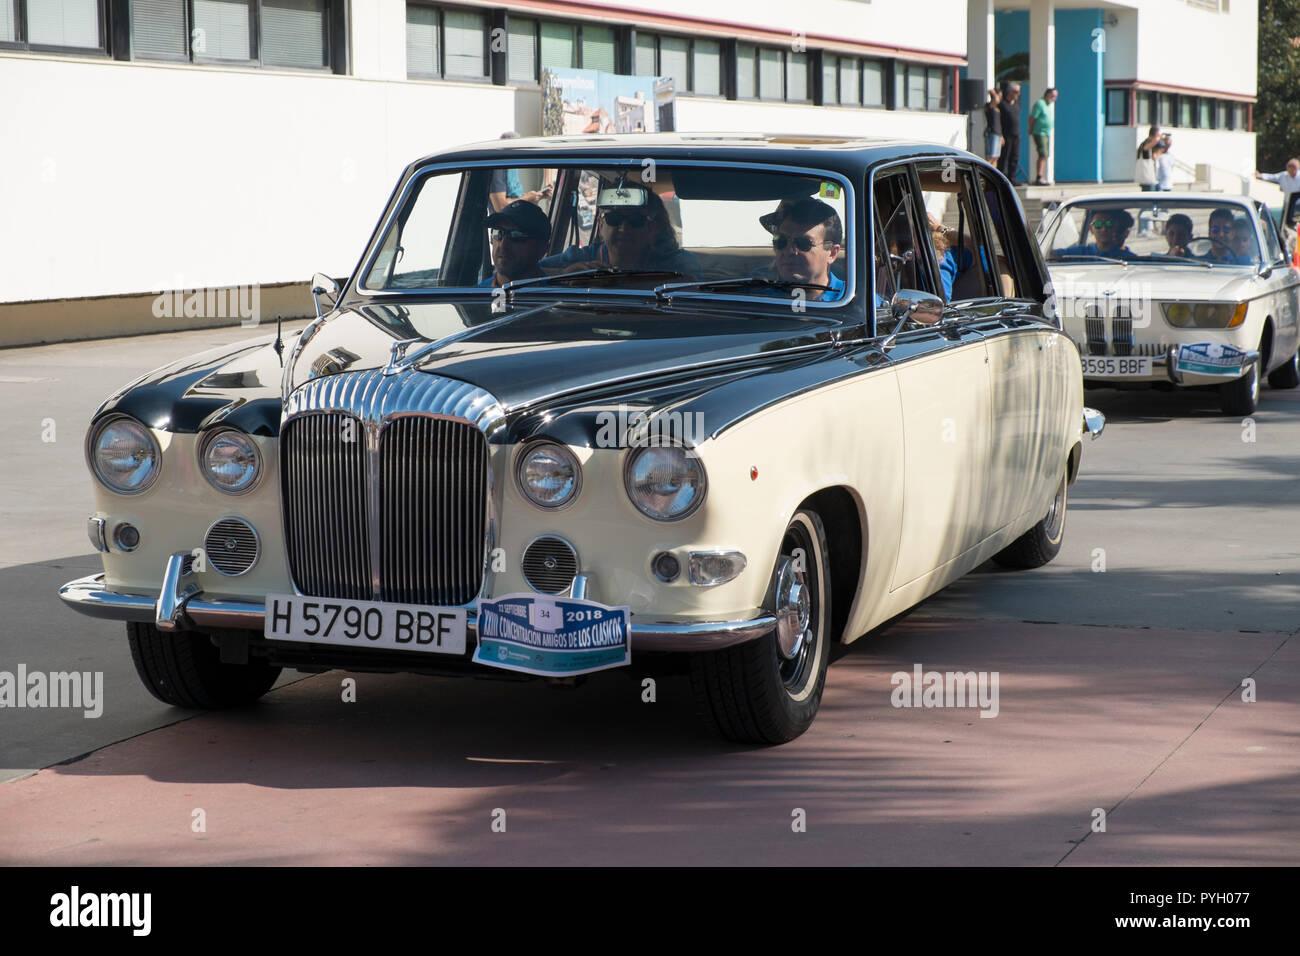 Daimler soberano. Reunión de coches clásicos en Torremolinos, Málaga, España. Foto de stock